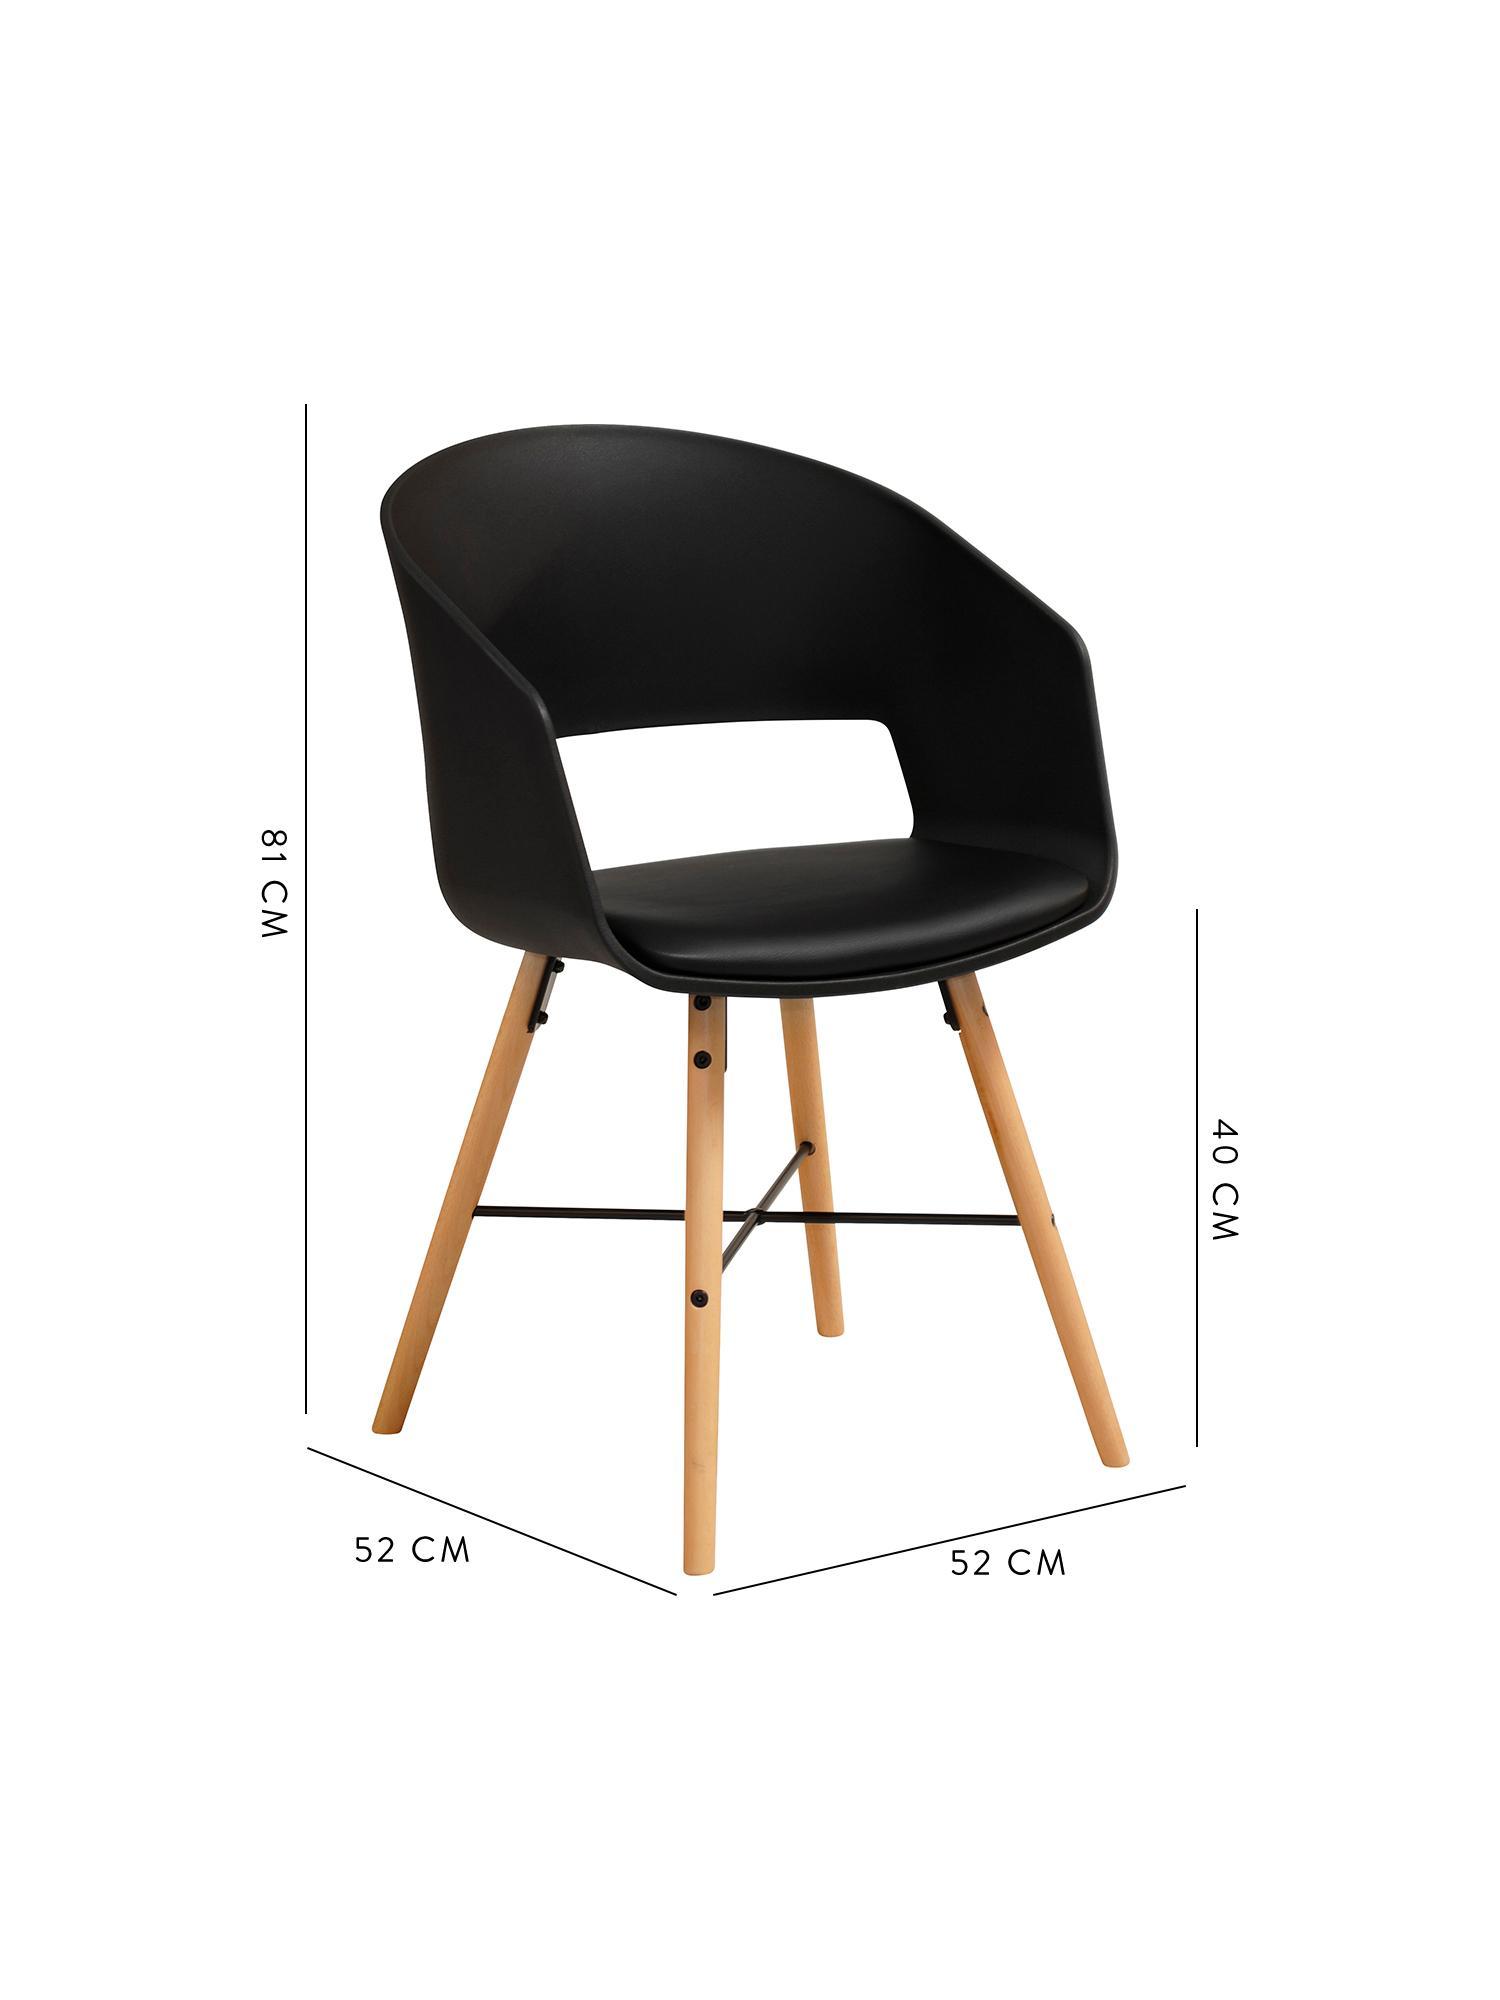 Armlehnstühle Luna mit gepolsteter Sitzfläche, 2 Stück, Beine: Buchenholz, lackiert, Schwarz, B 52 x T 52 cm